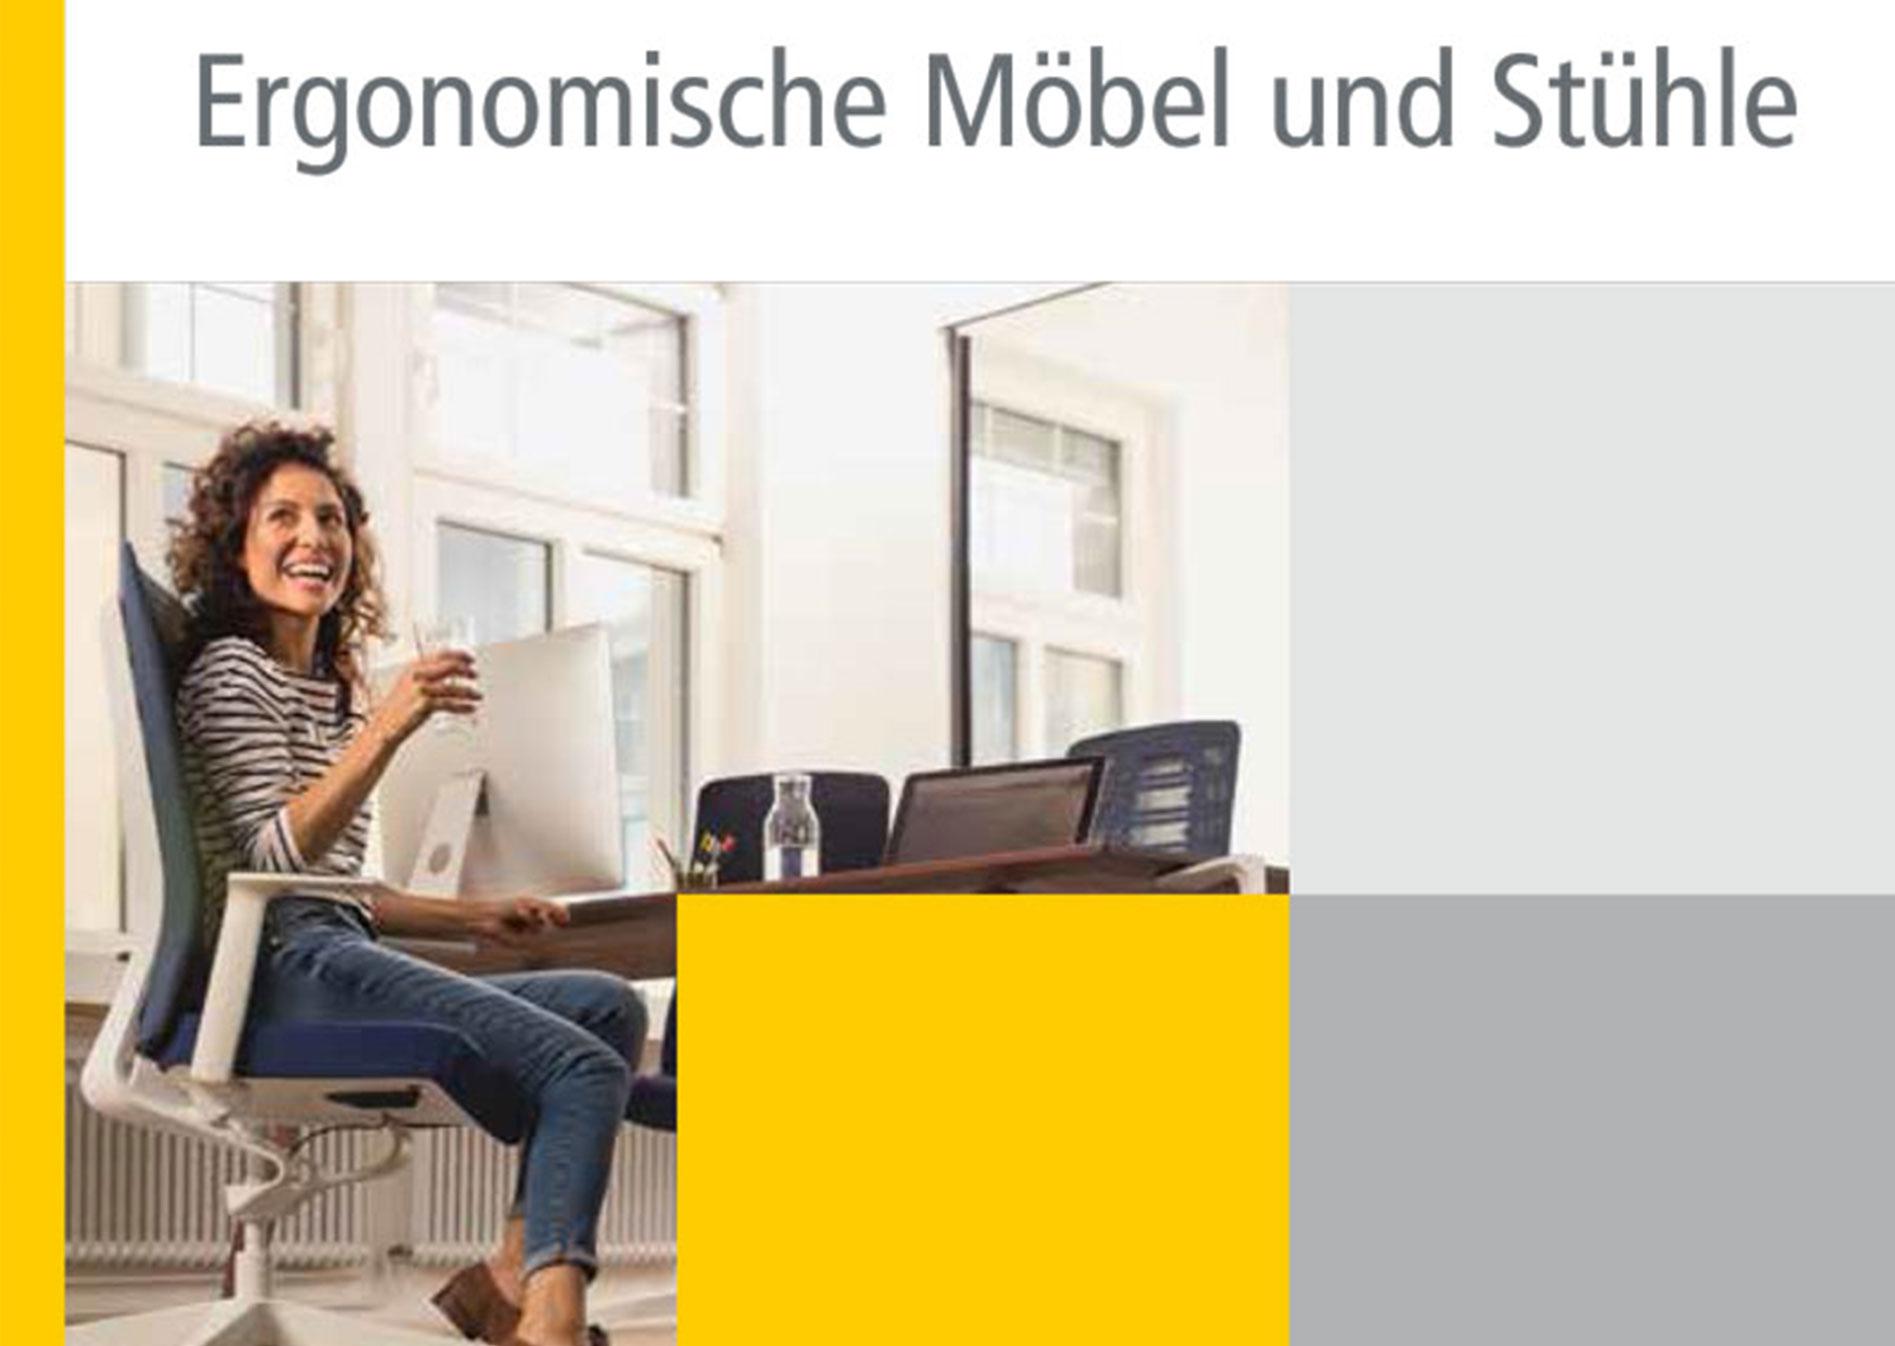 ergonomische-moebel-stuehle-schnellieferprogramm